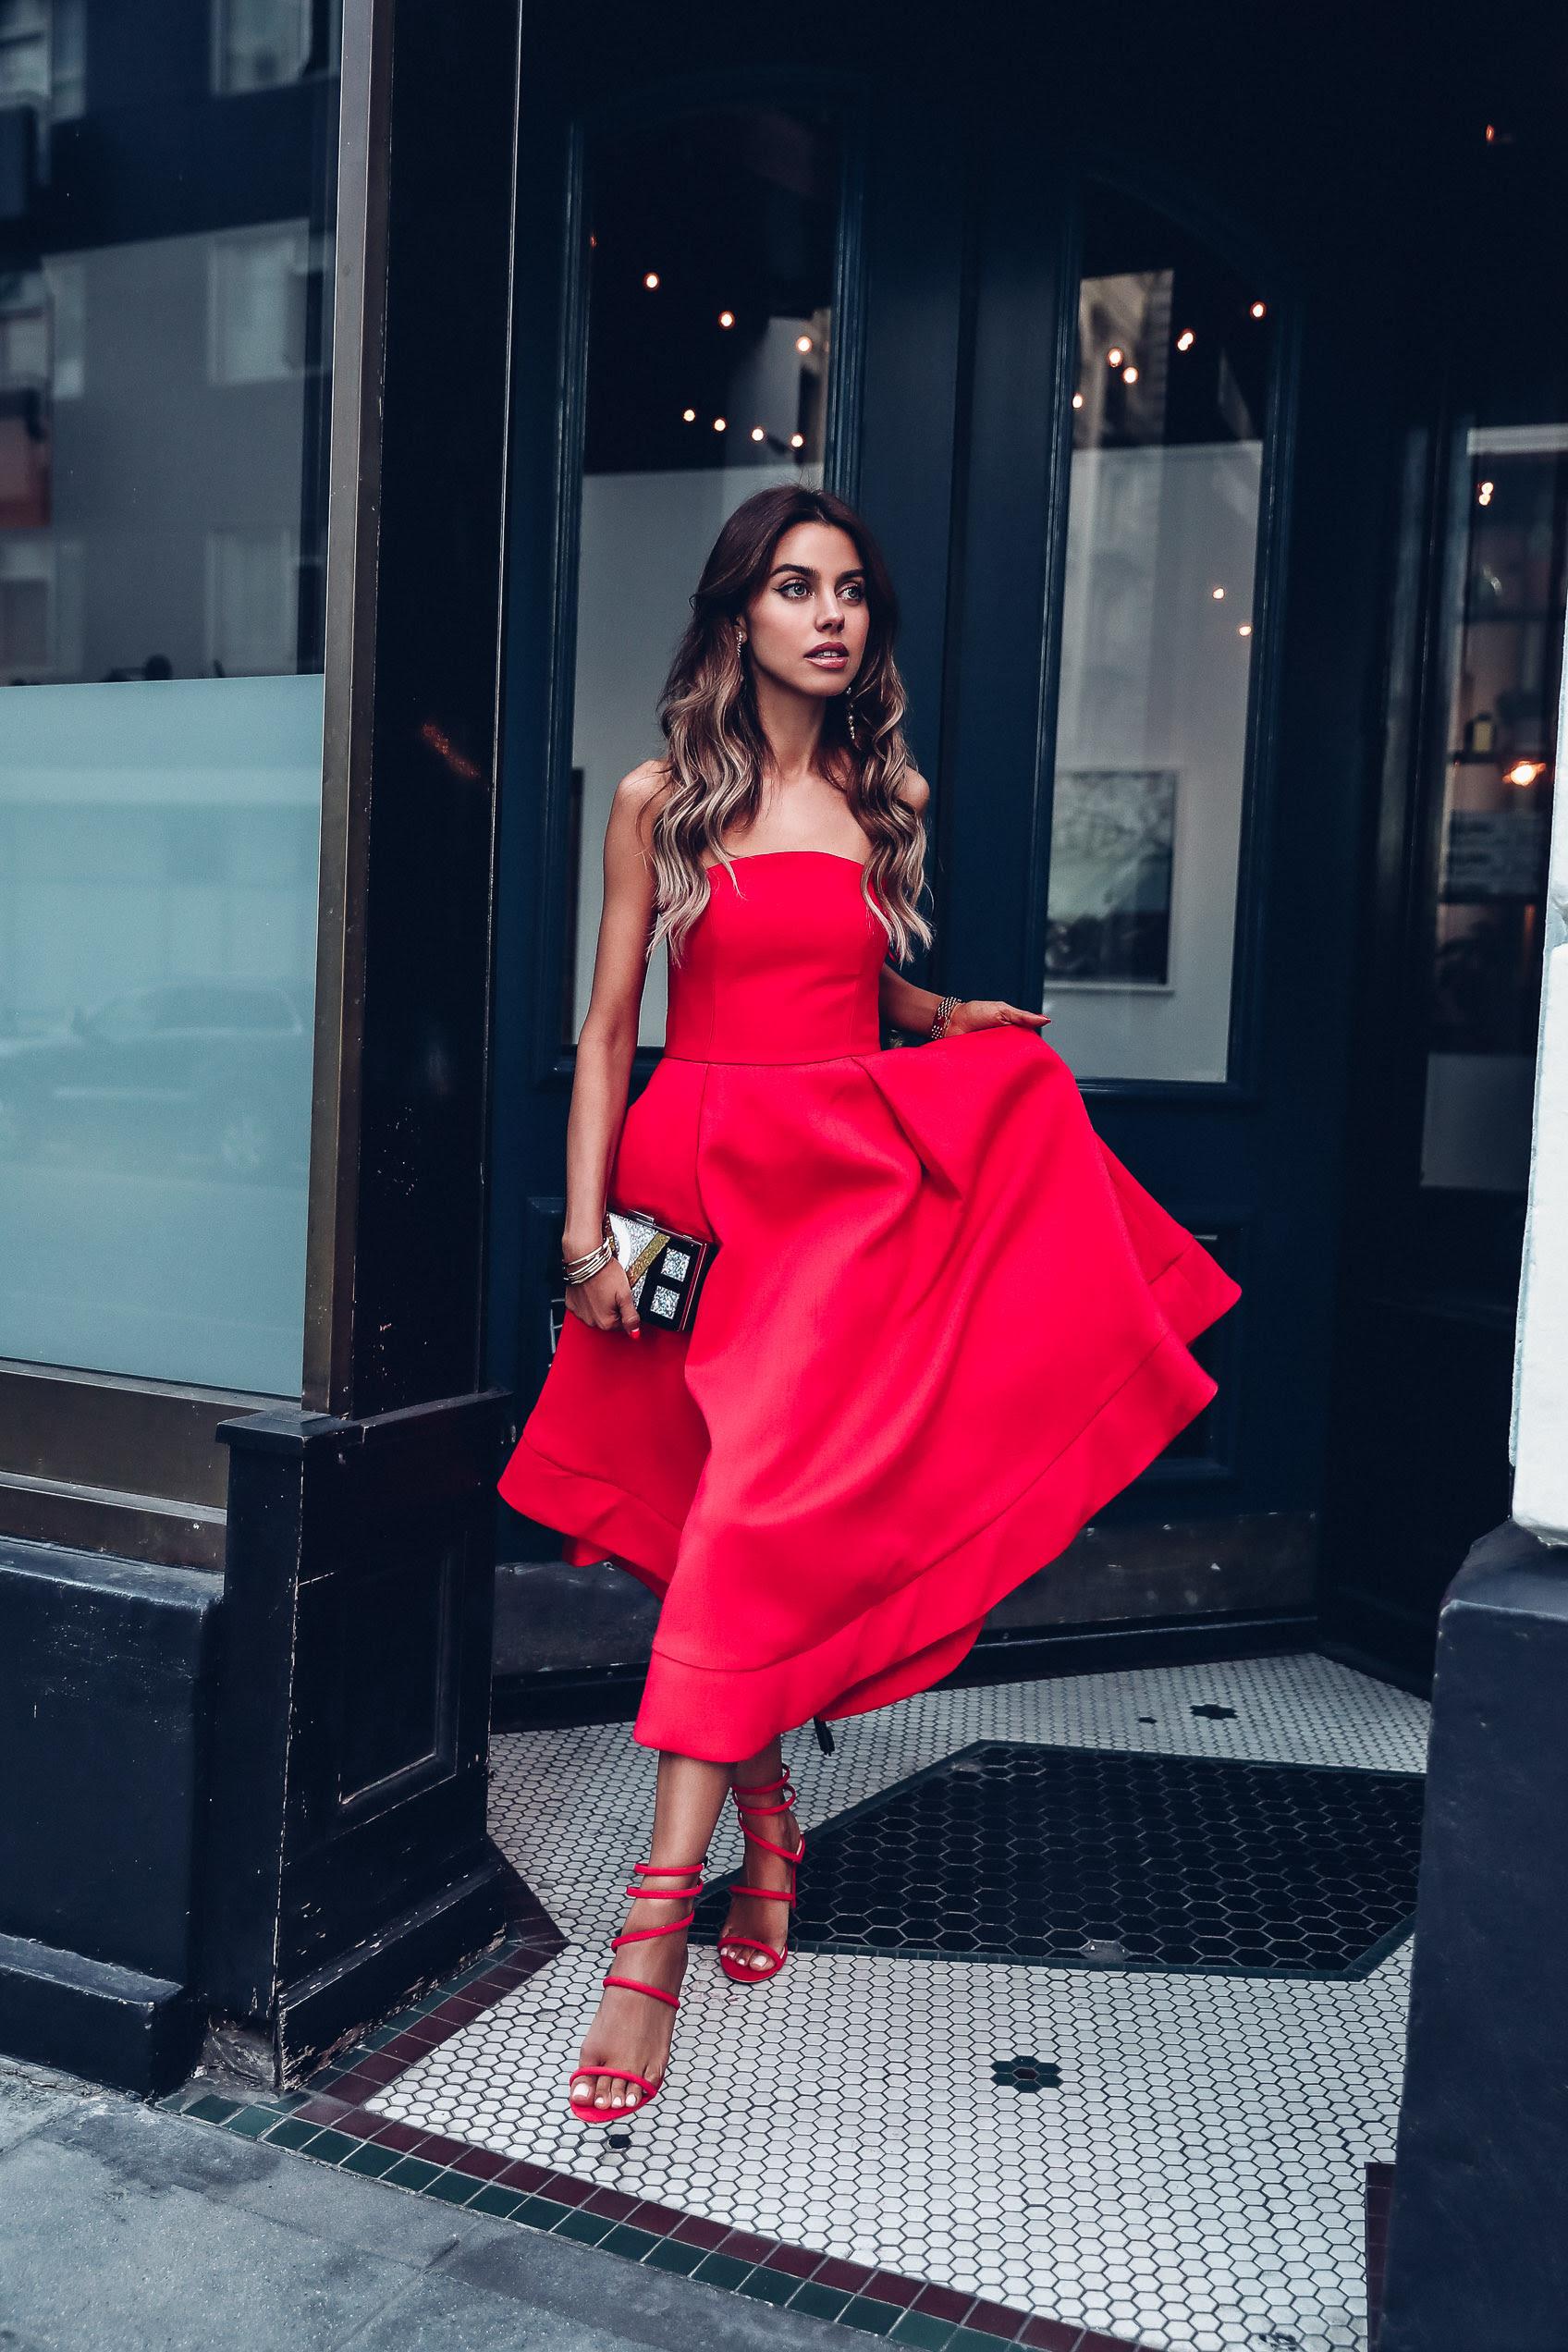 valentine's day outfit ideas  vivaluxury picks  vivaluxury